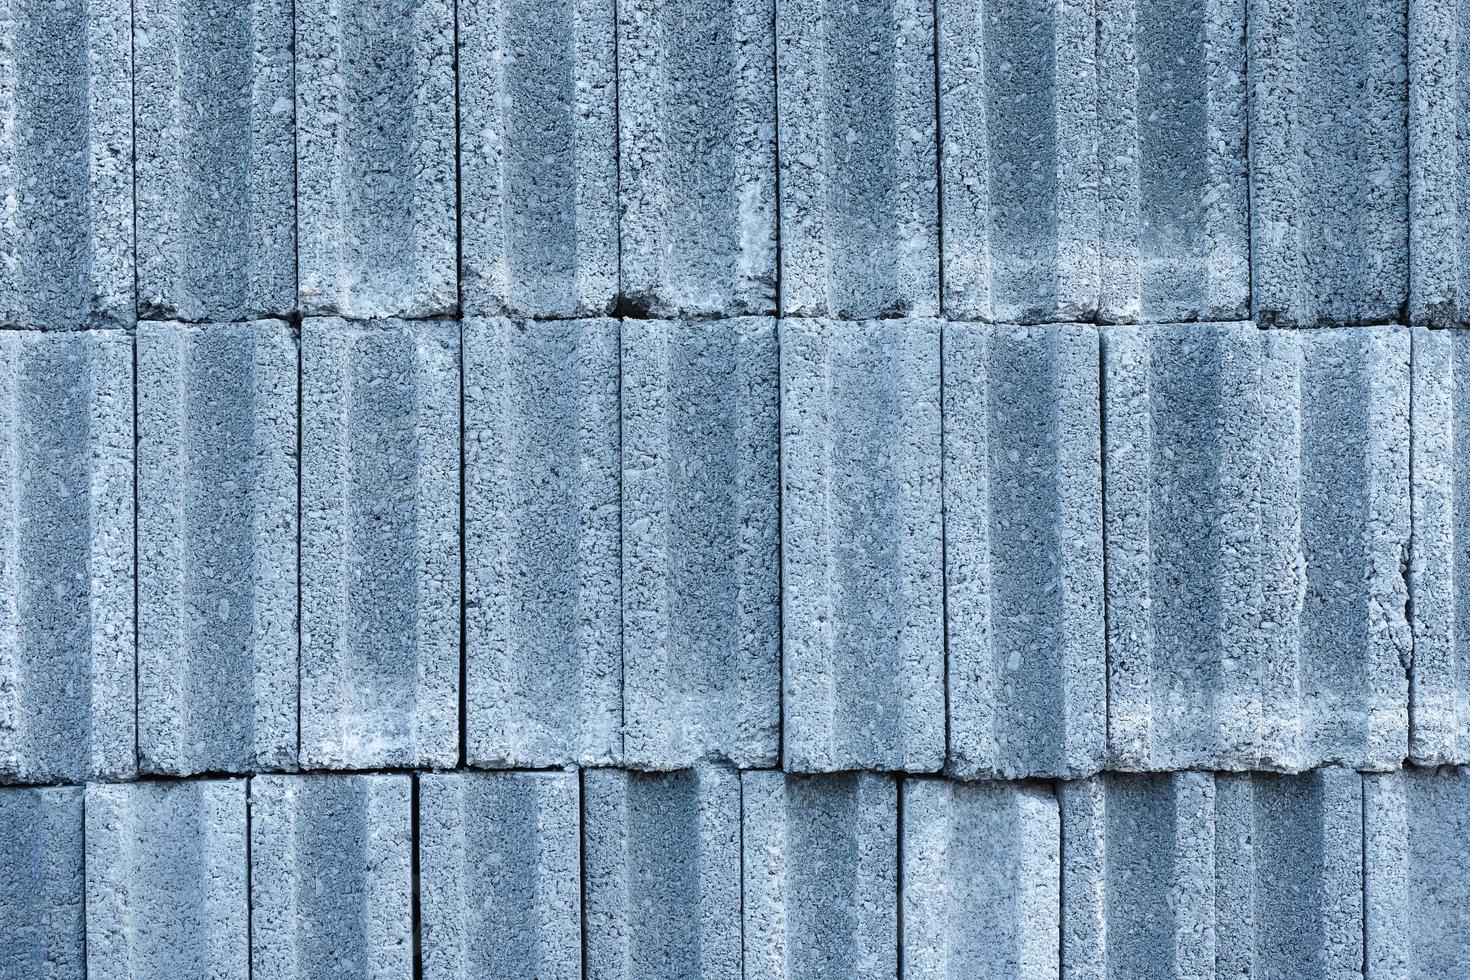 mönster av betong tegelstenar foto